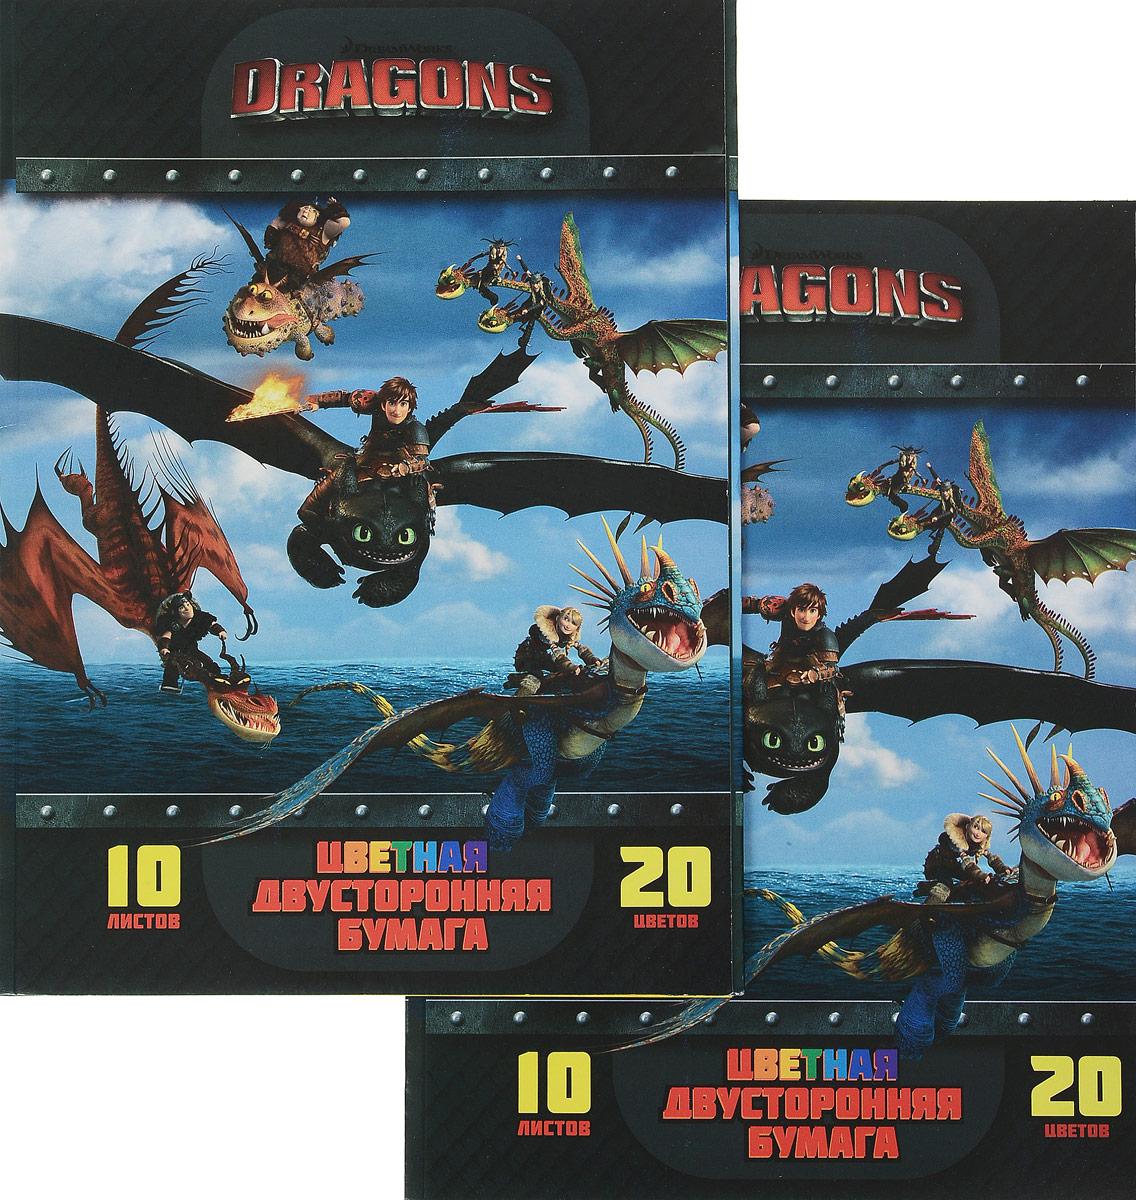 Набор цветной бумаги Dragons, двусторонняя, 20 цветов, 2 штDR-CPM-10/20Набор цветной бумаги Dragons идеально подойдет для занятий в детском саду, школе и дома. Двусторонняя цветная бумага с яркими красками обеспечит максимально удобный и увлекательный творческий процесс. Папка из мелованного картона с изображением героев мультфильма Как приручить дракона на обложке надежно защитит бумажные листы от повреждений. В набор входят цвета: желтый, ярко-желтый, красный, розовый, малиновый, оранжево-красный, голубой, синий,сиреневый, фиолетовый,темно-синий, темно-зеленый, черный, серый, оранжевый, темно-оранжевый, светло-зеленый, салатовый.В комплект входит два набора по 20 цветов.Формат листов А4.УВАЖАЕМЫЕ КЛИЕНТЫ!Обращаем ваше внимание на то, что товар может поступать в двух дизайнах!